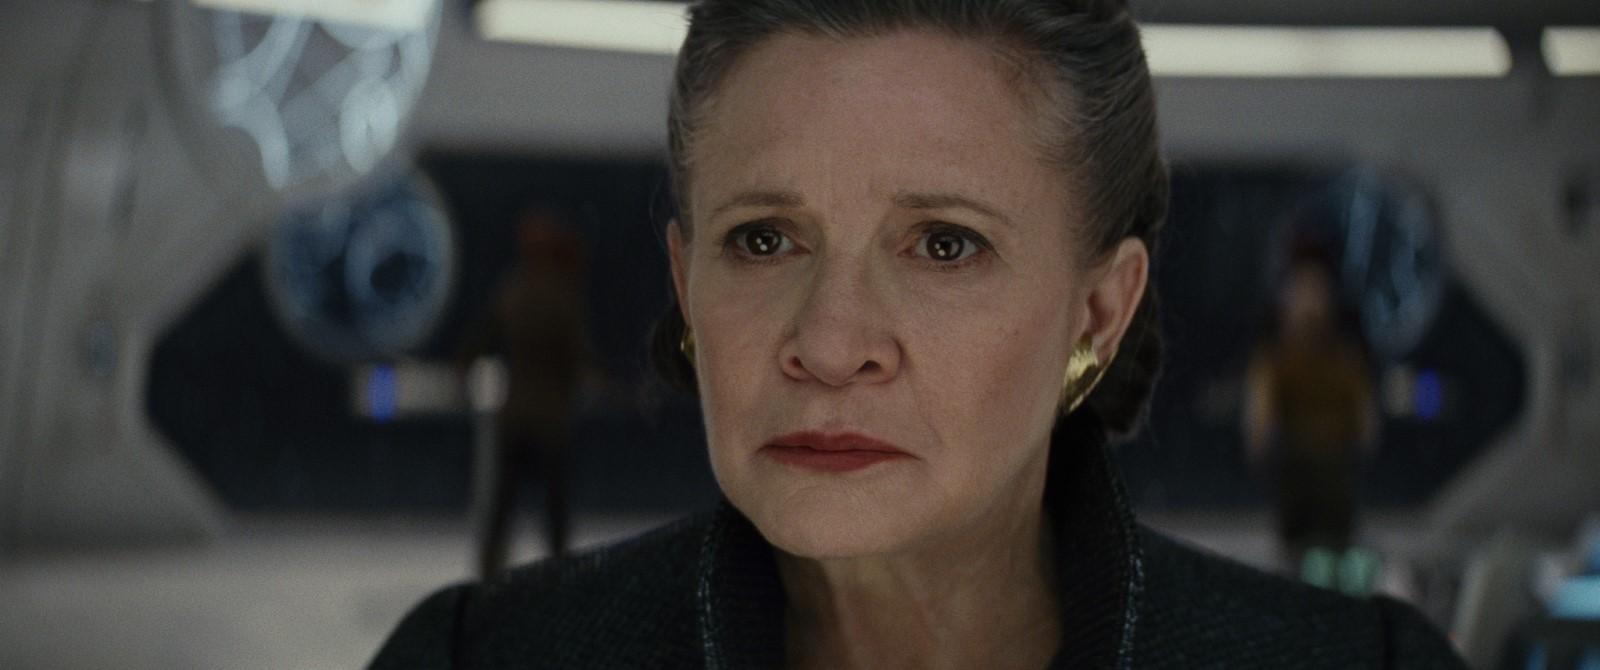 8 - Star Wars Les Derniers Jedi LE FILM - Vos Avis . SPOILER 3235232